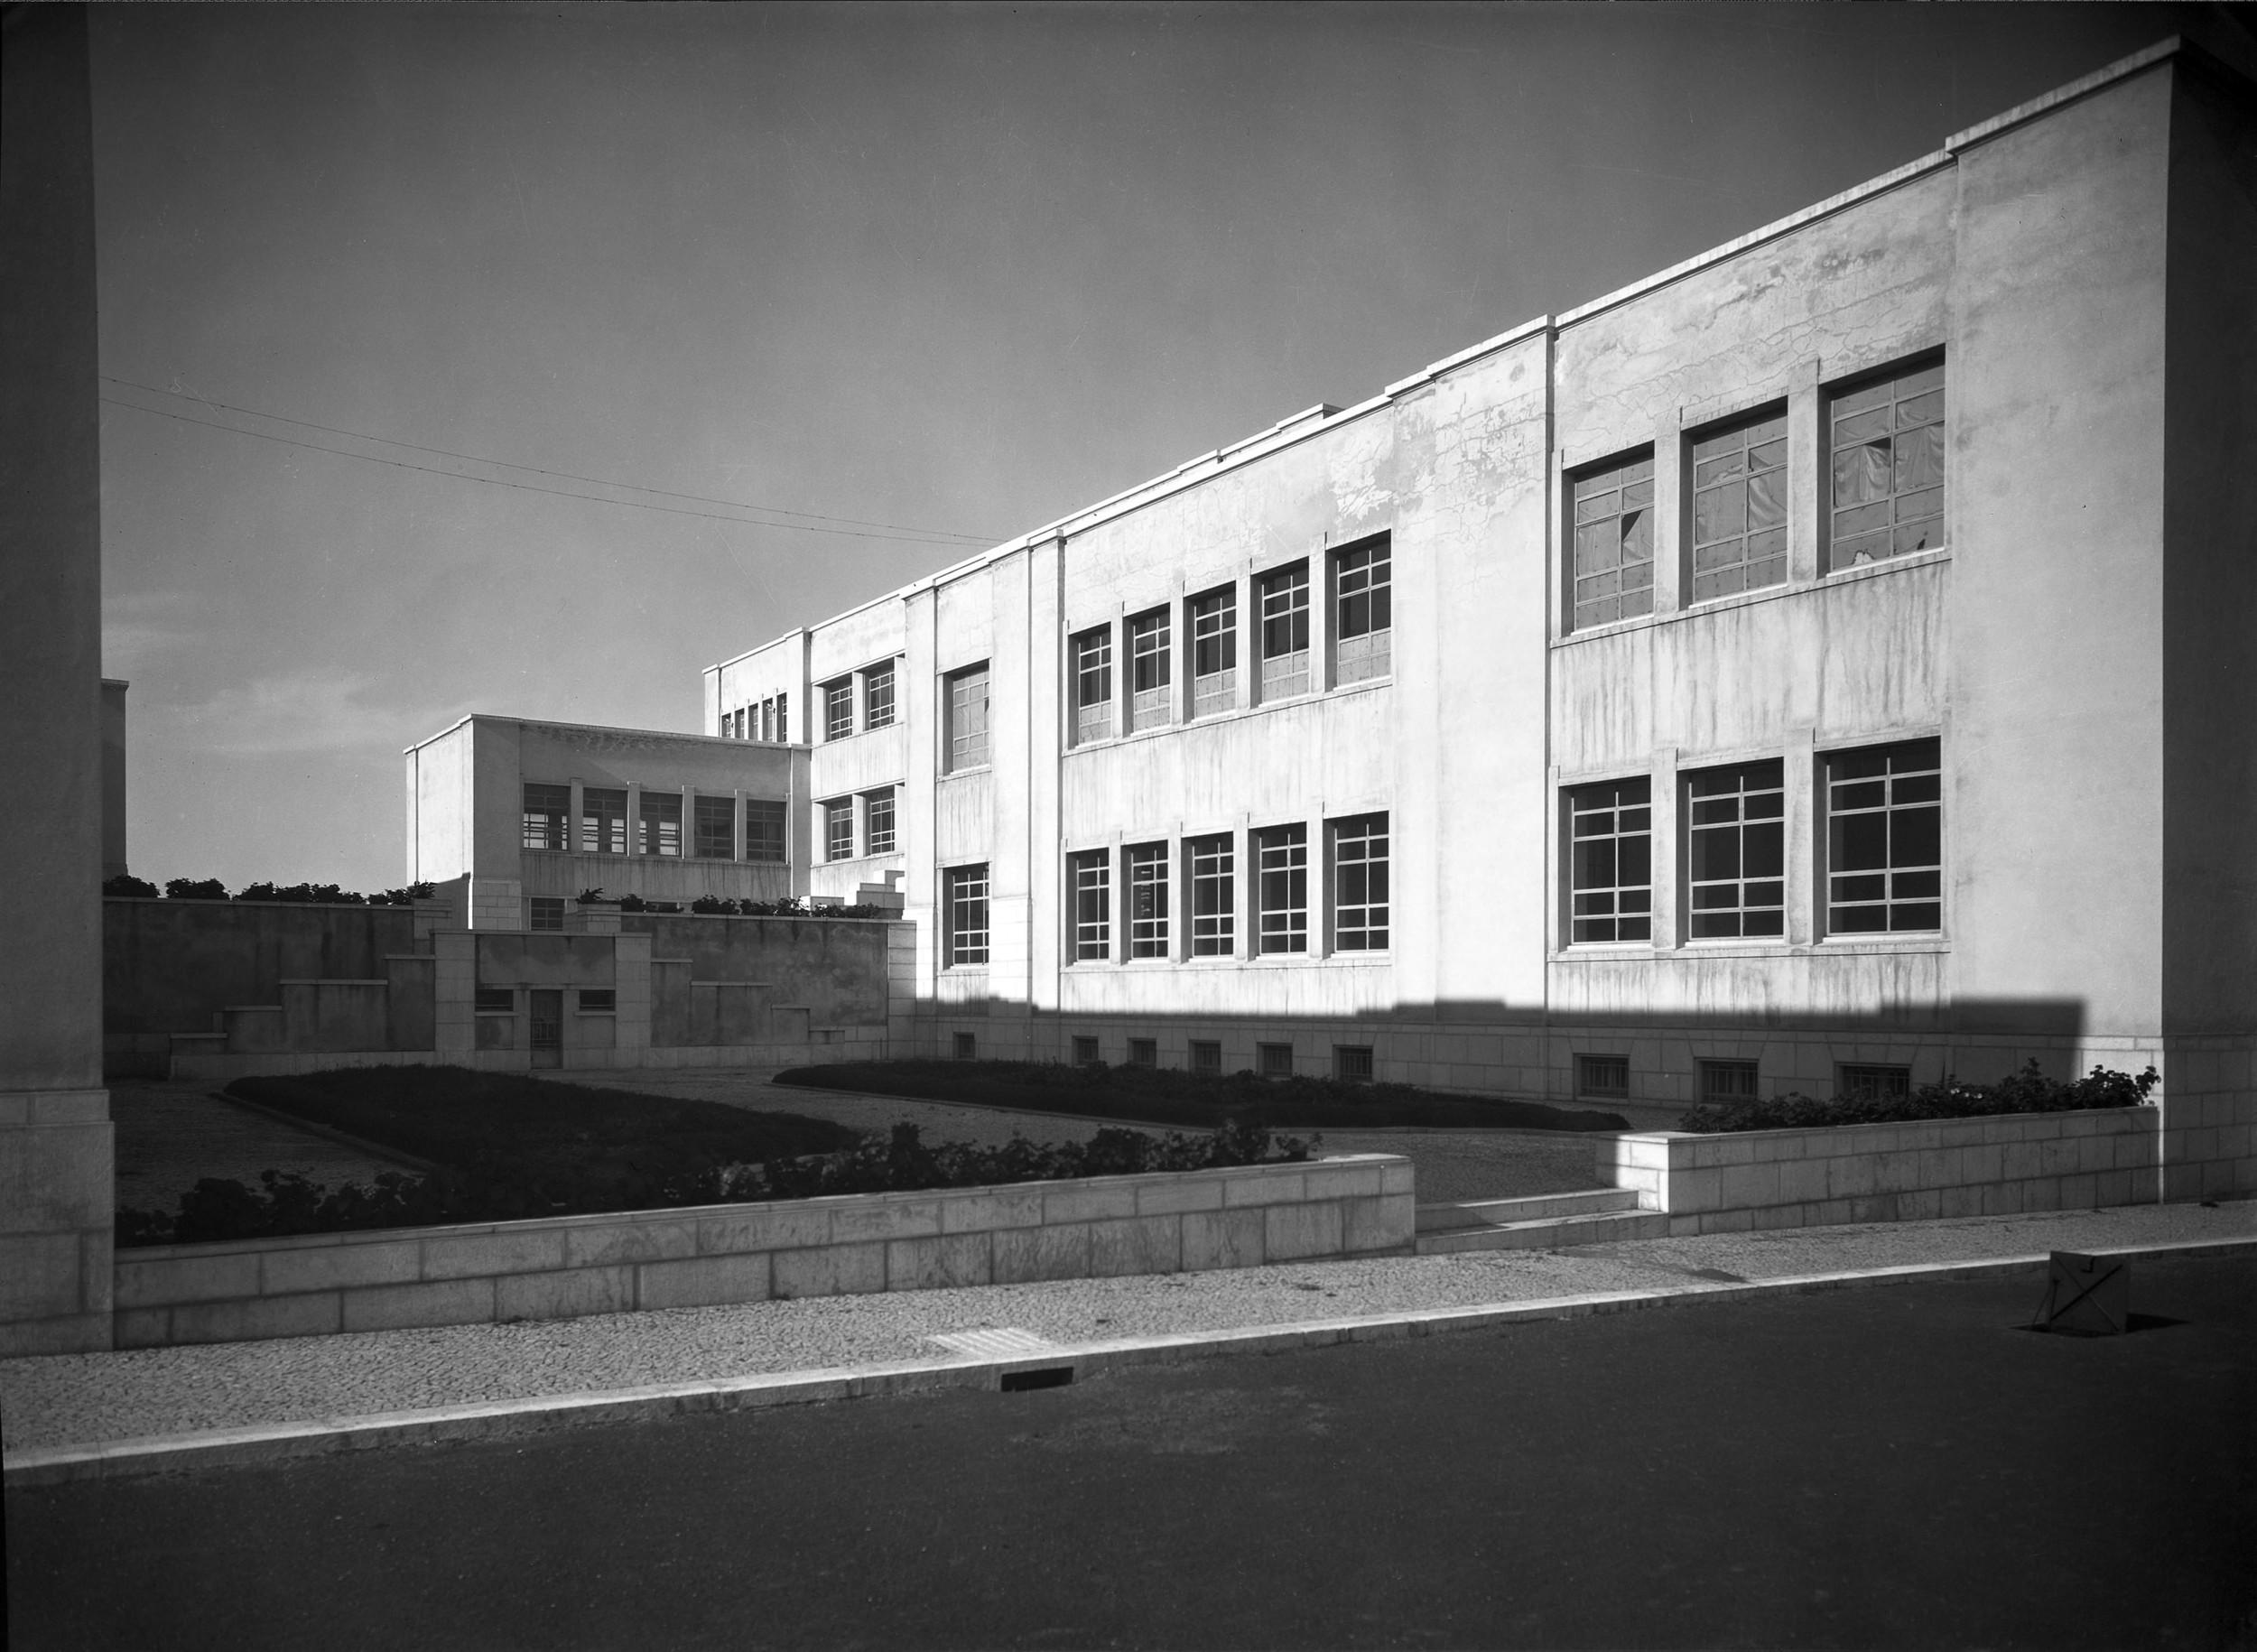 Instituto Superior Técnico, Lisbon  Photo: Mário Novais, ca. 1936-37, Lisbon  Biblioteca de Arte da Fundação Calouste Gulbenkian [CFT003_100958]